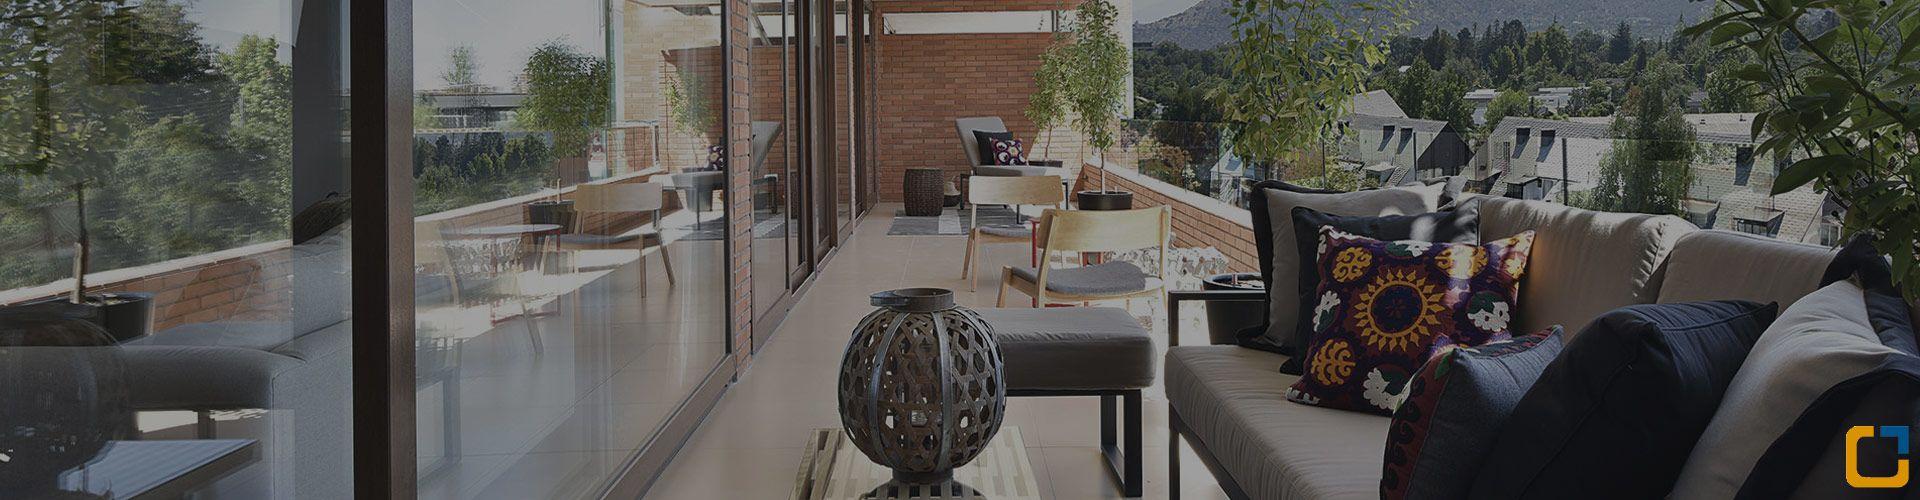 Venta de Casas y Departamentos | Inmobiliaria Moller & Pérez-Cotapos